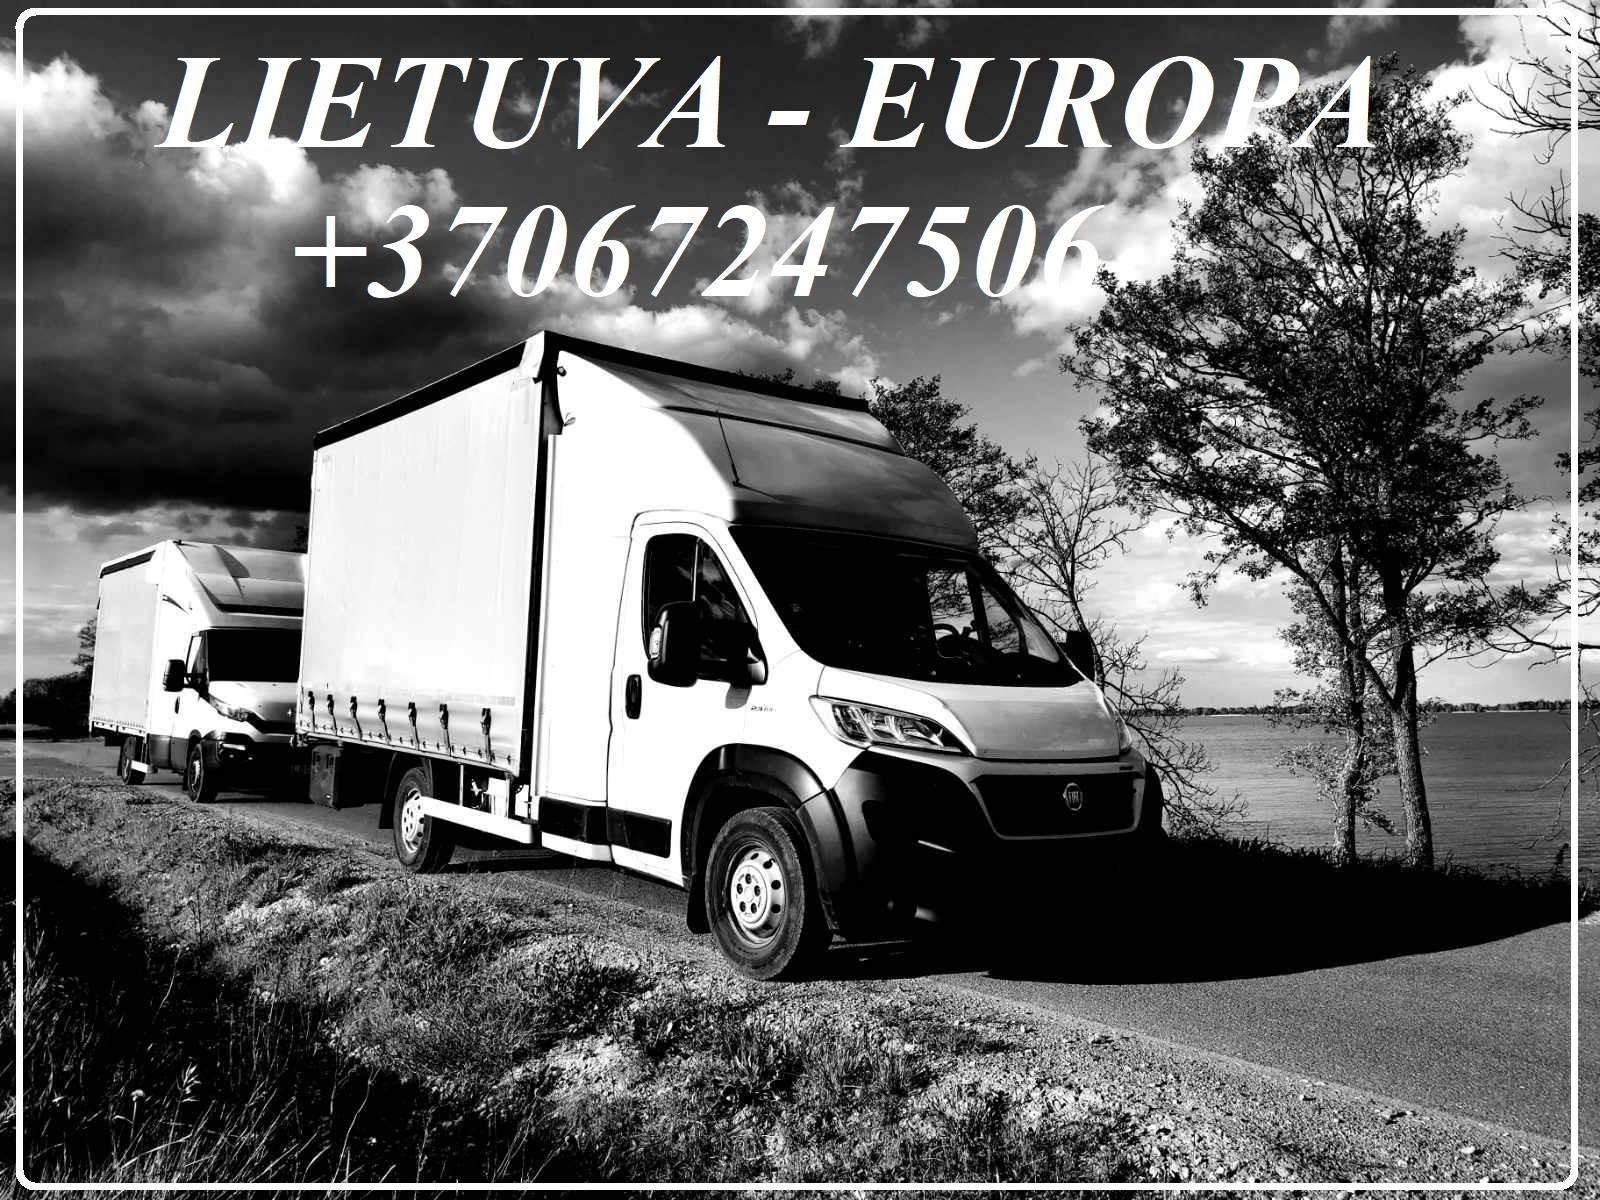 Lietuva - Europa - Lietuva !